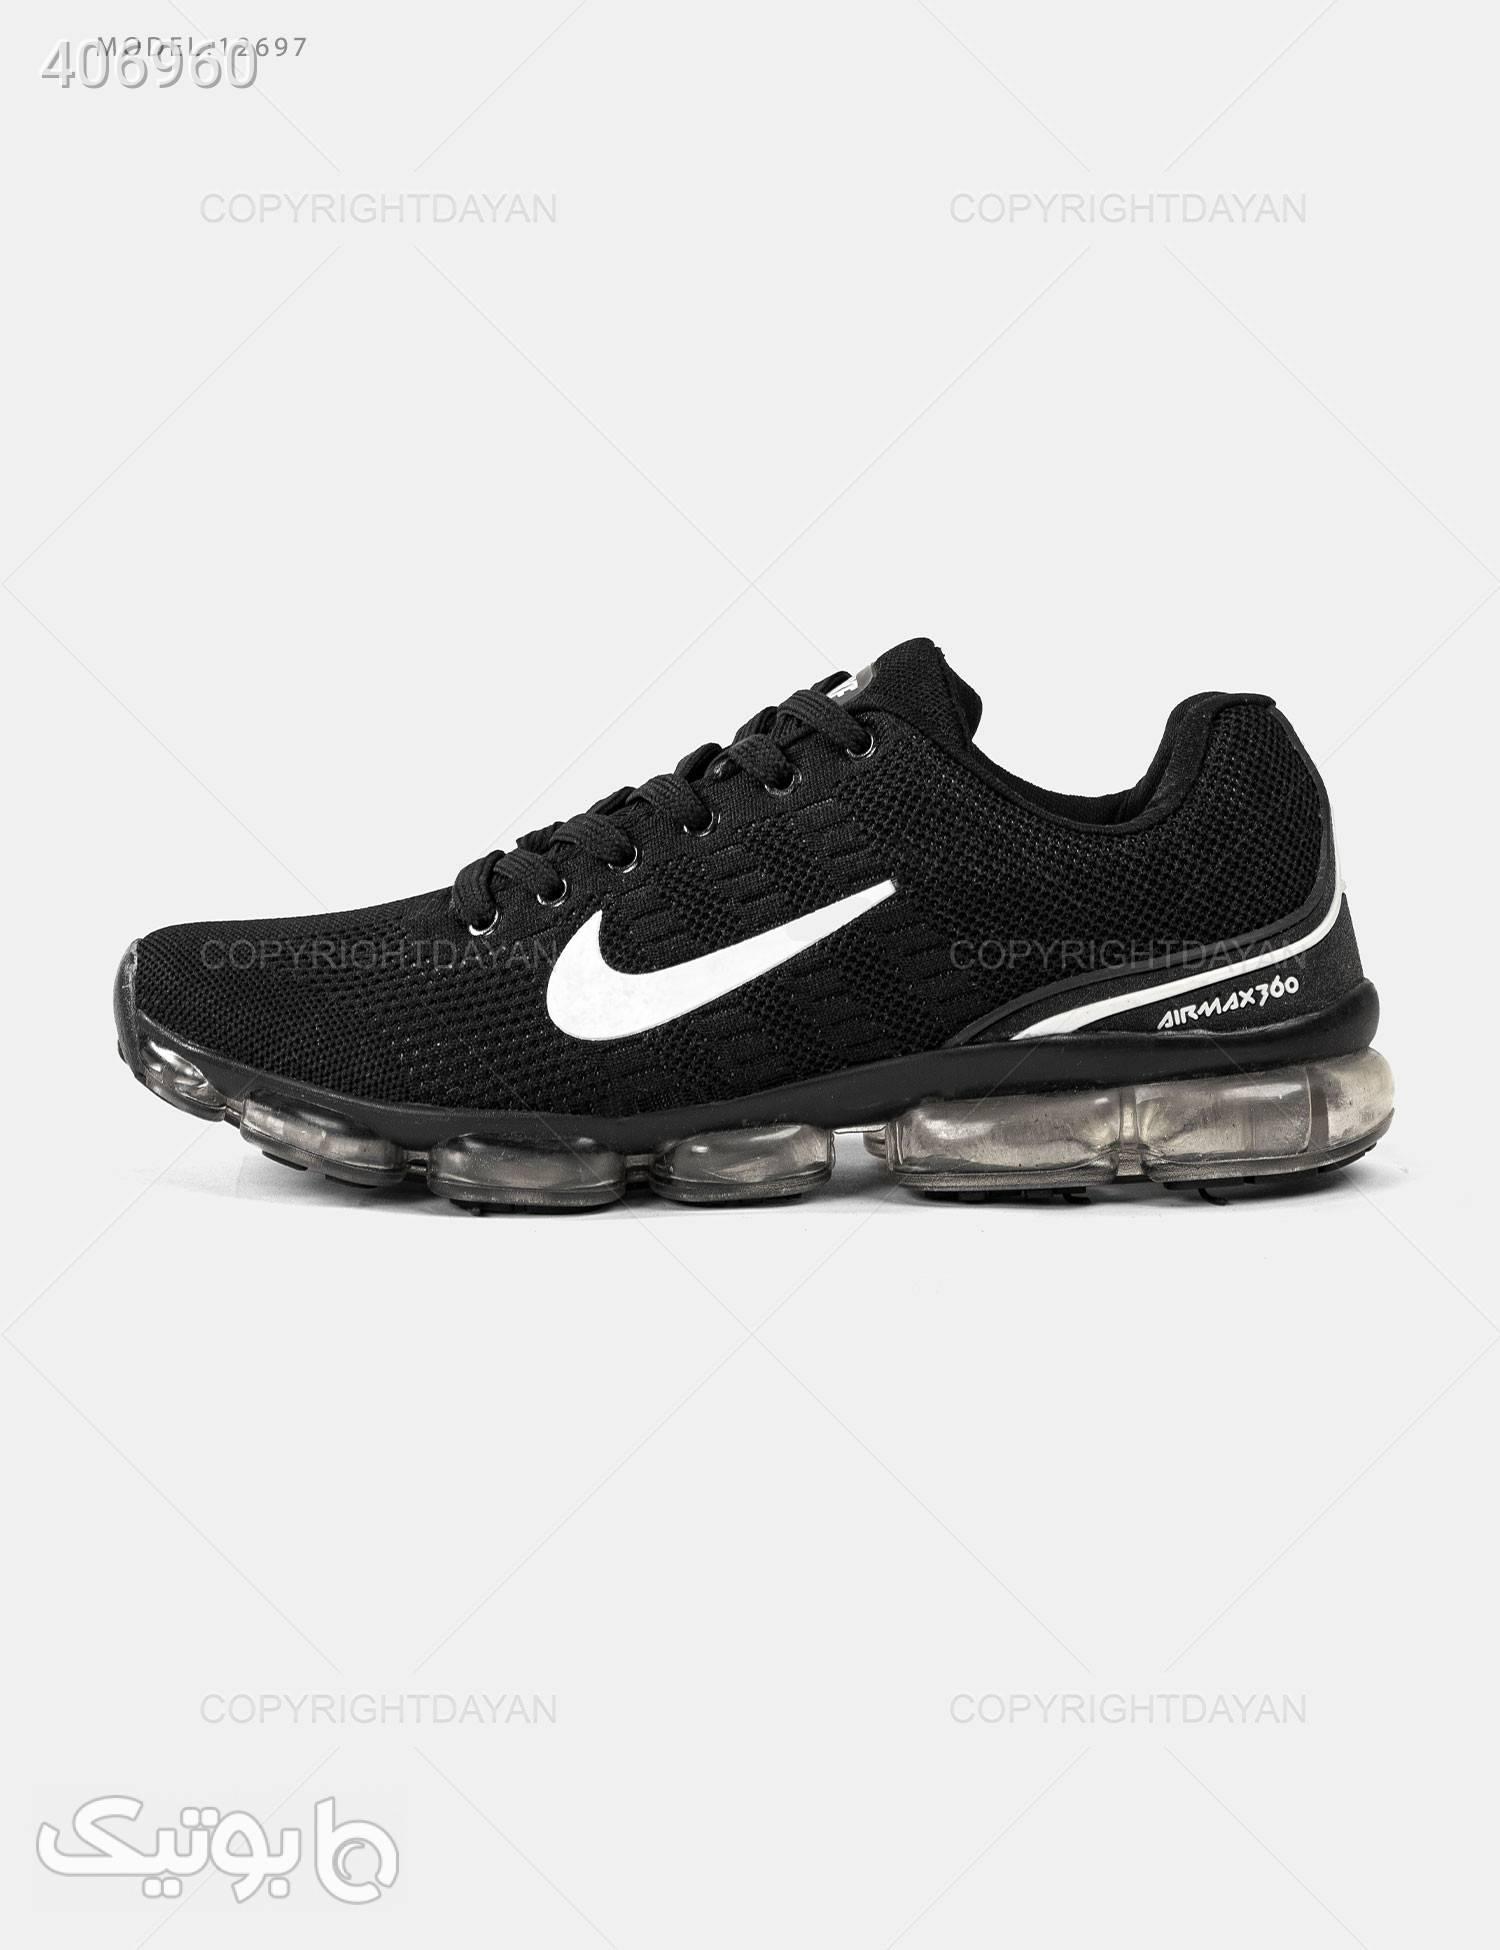 کفش مردانه Nike مدل 12697 مشکی كتانی مردانه